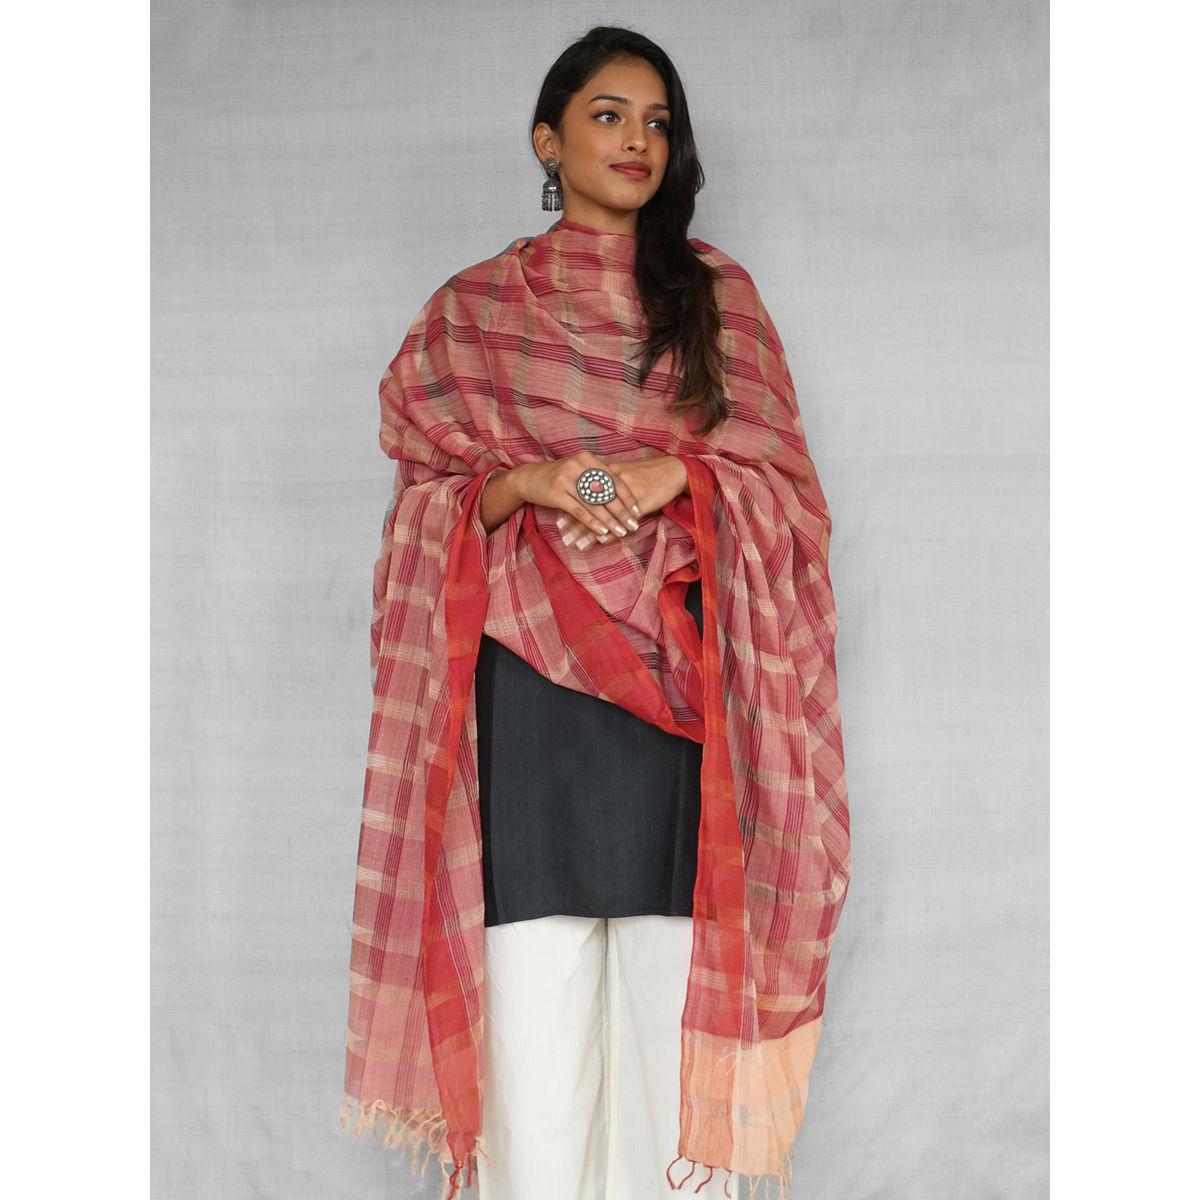 Maroon Mangalgiri Handloom Cotton Dupatta